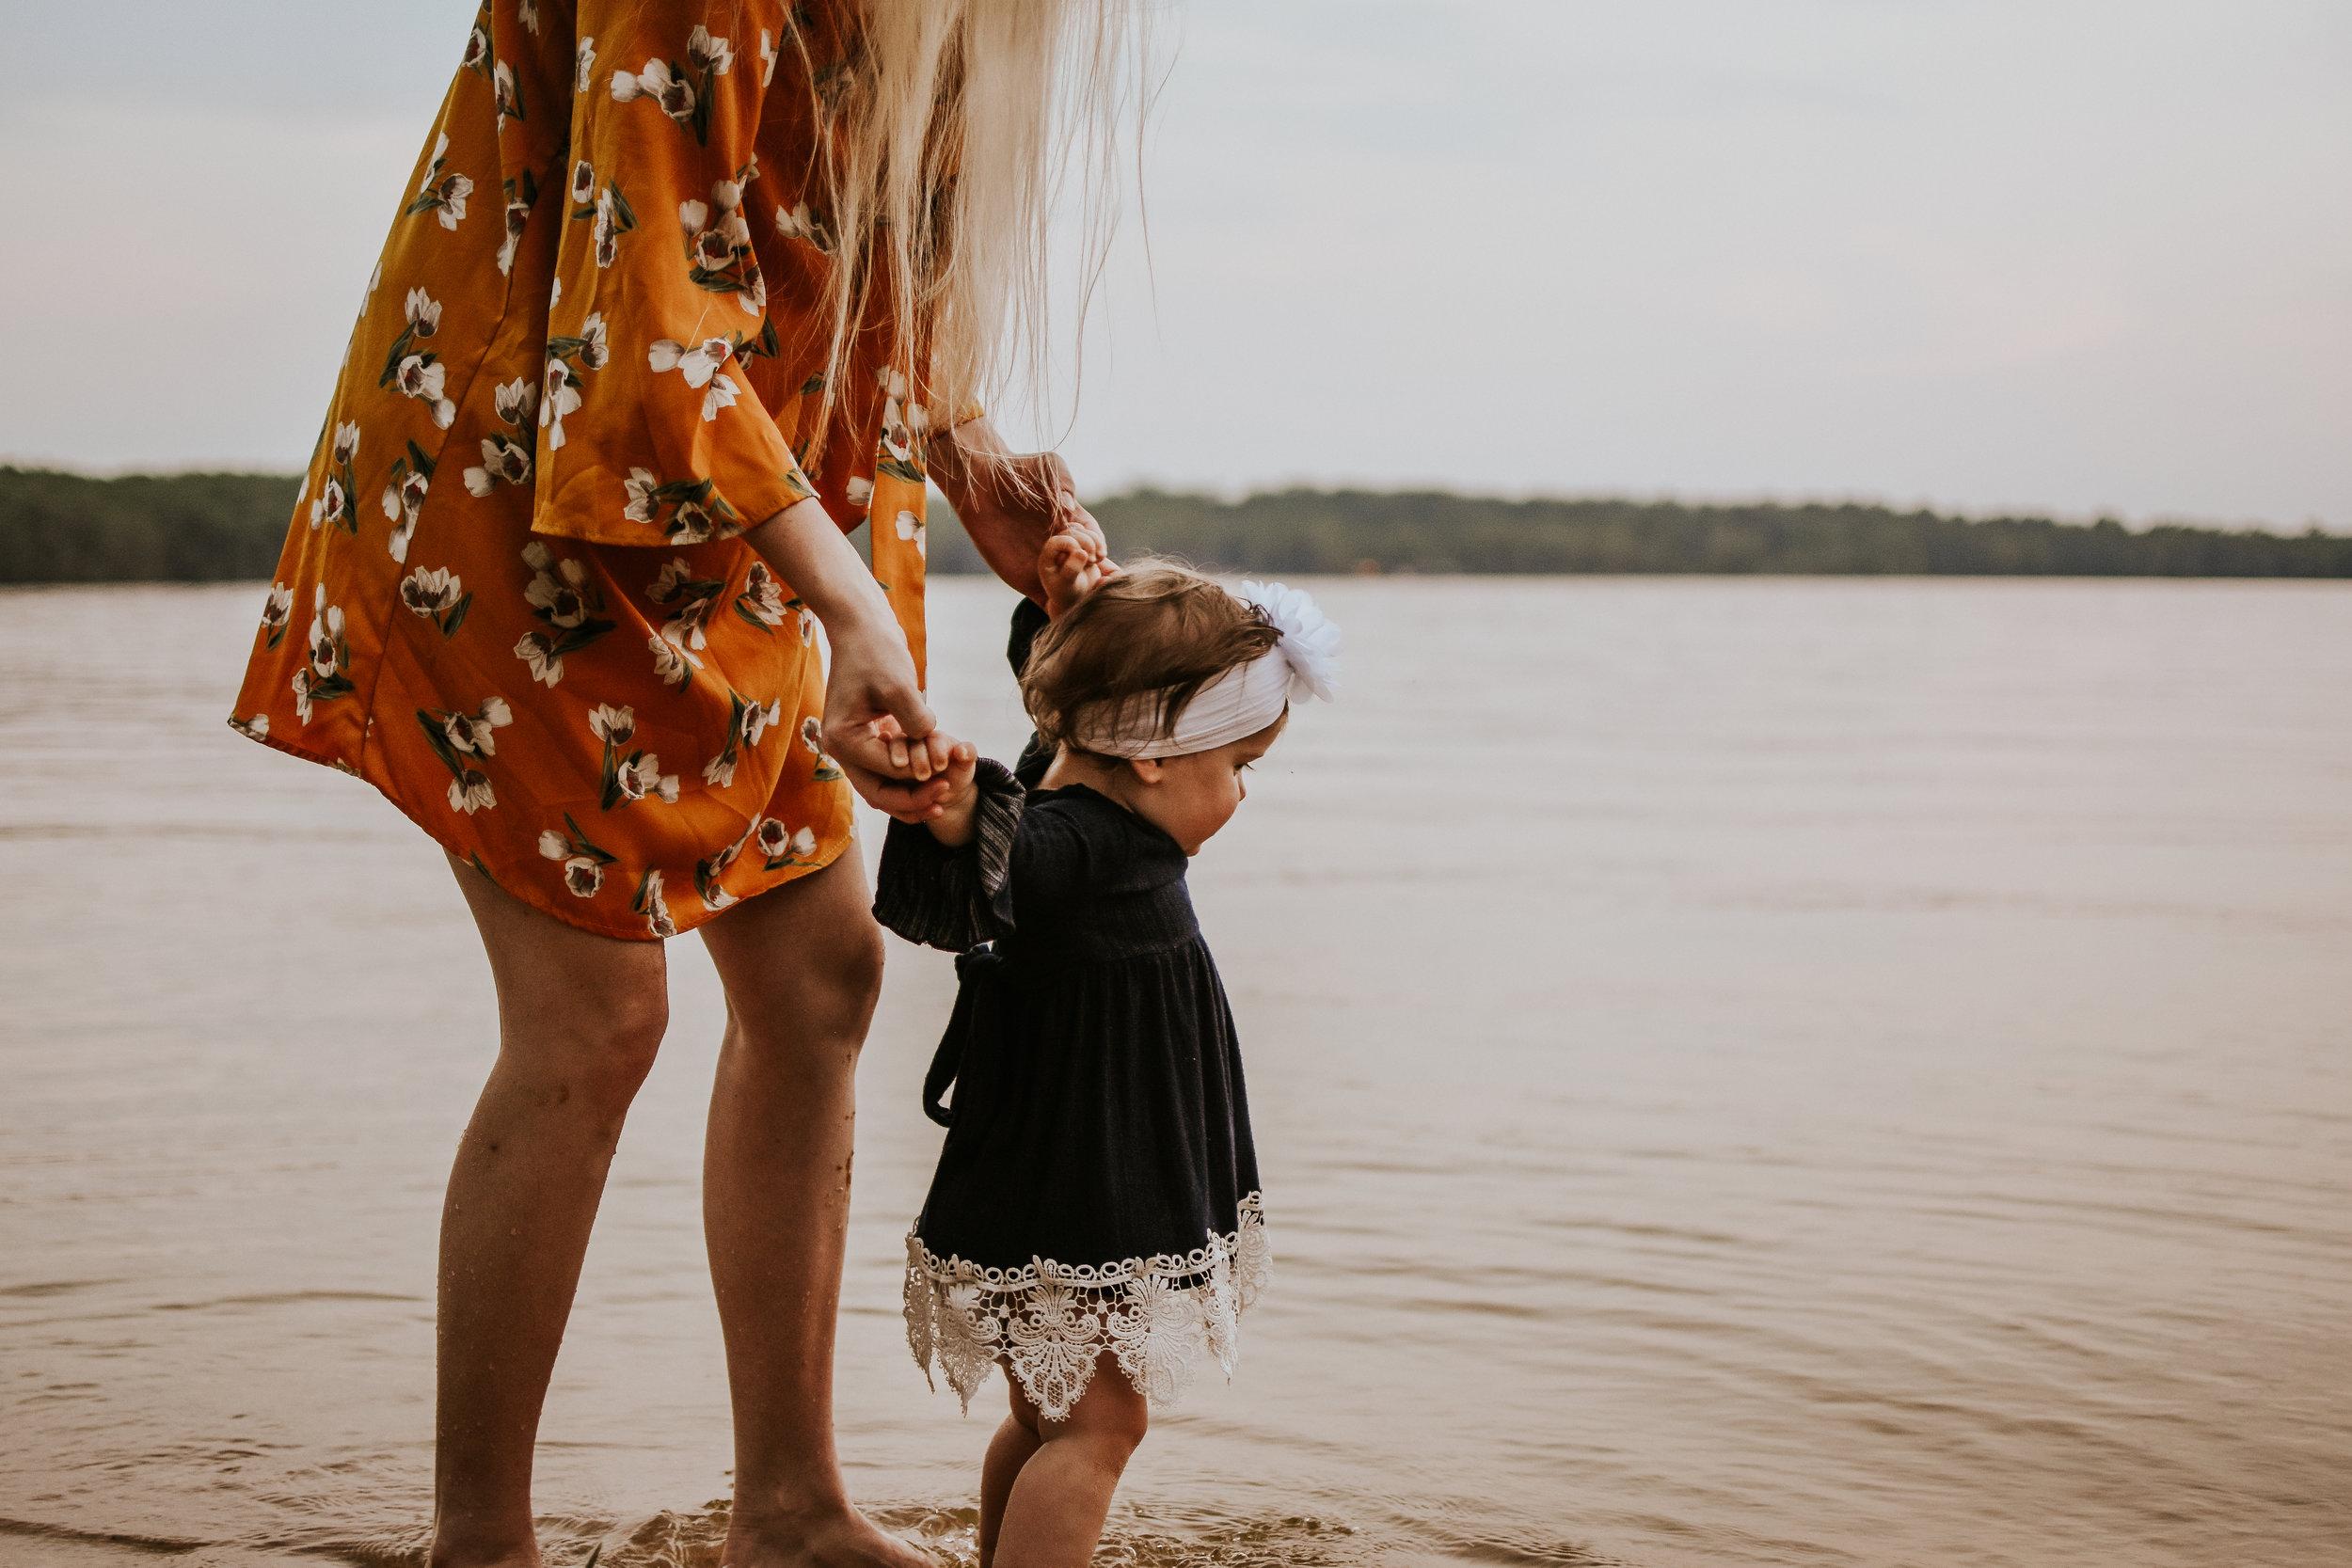 CrestviewFloridaLifestylePhotographer-MommyandMeSession-LakeJackson-FloralaAlabama-49.jpg